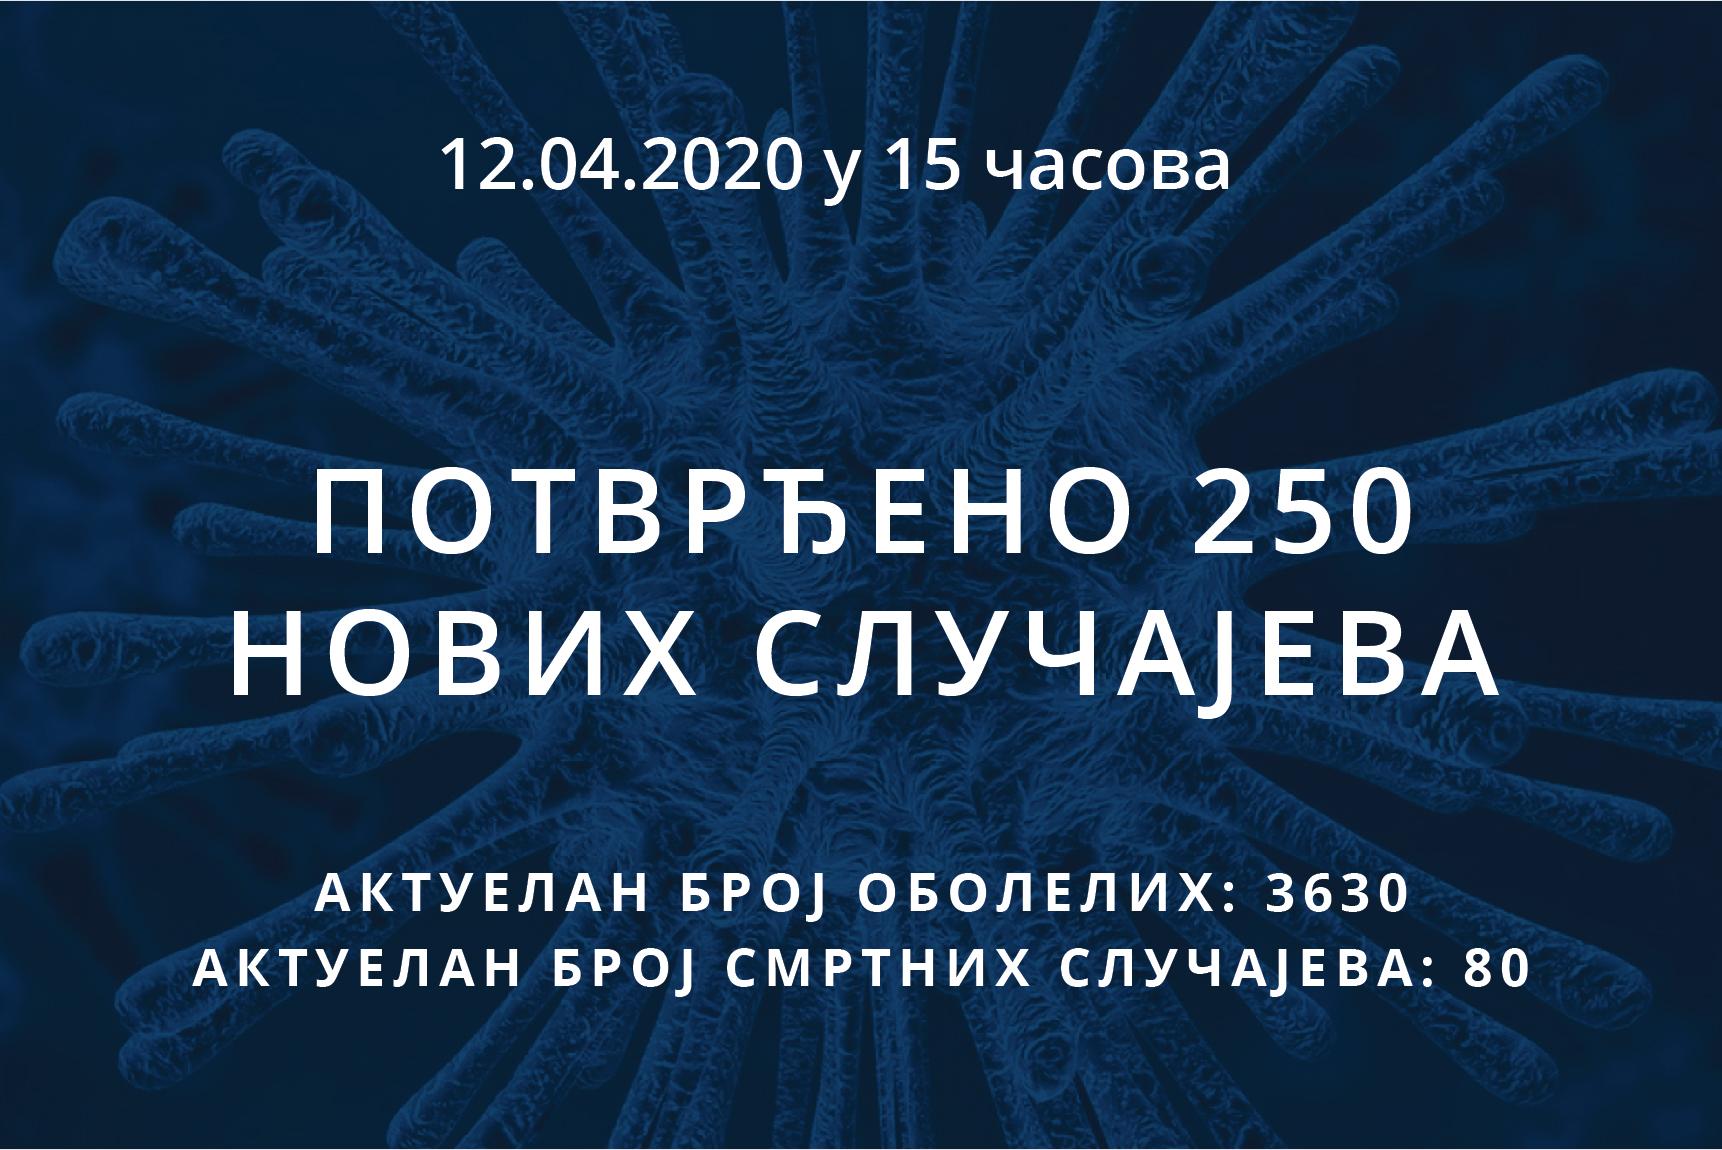 Информације о корона вирусу COVID-19, 12.04.2020 у 15 часова